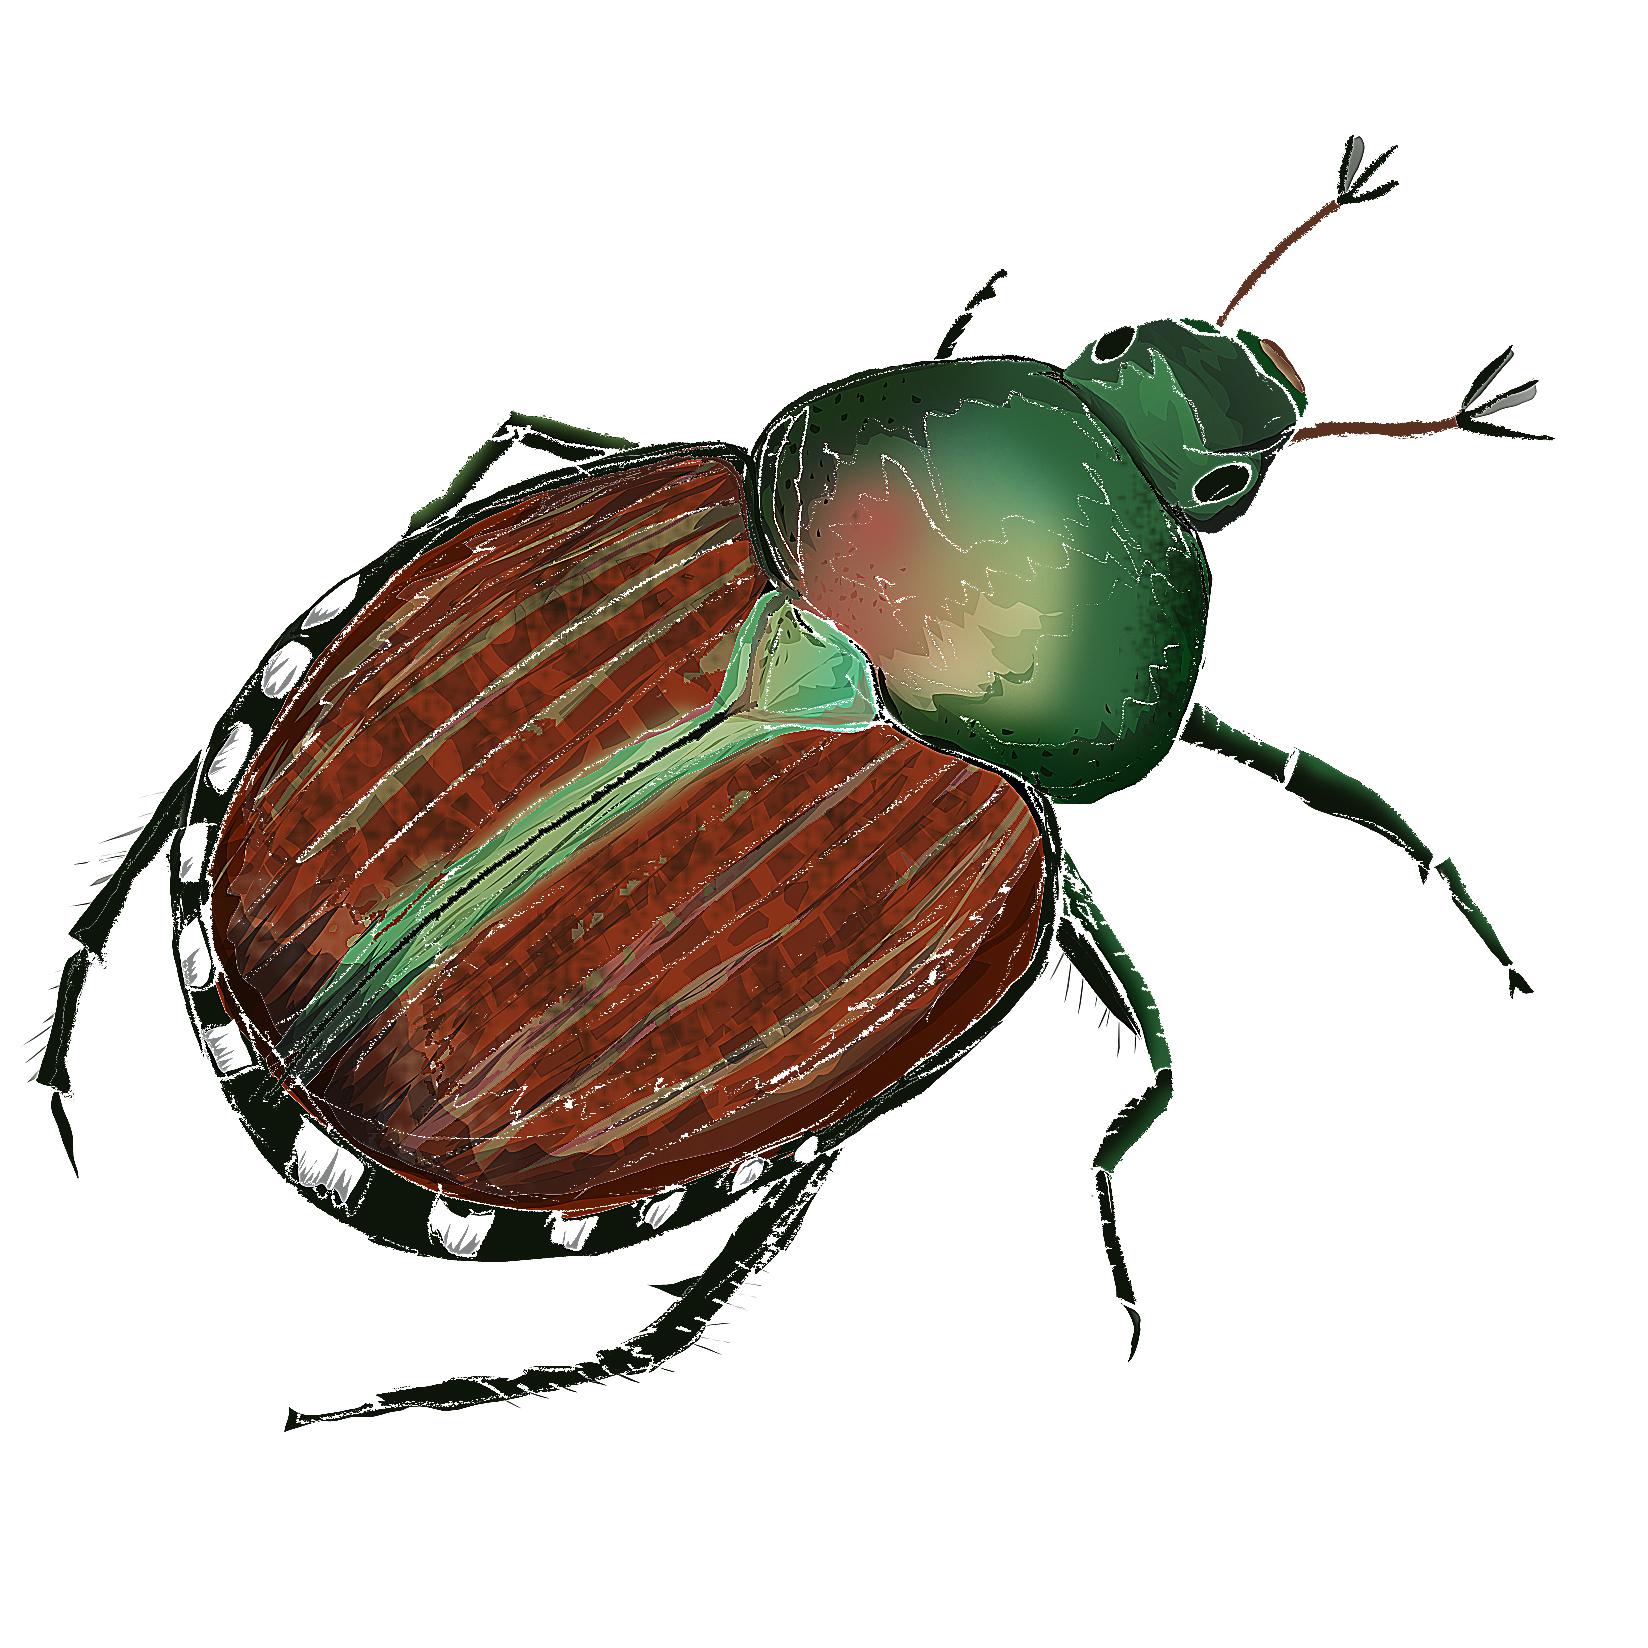 J - Japanese Beetle